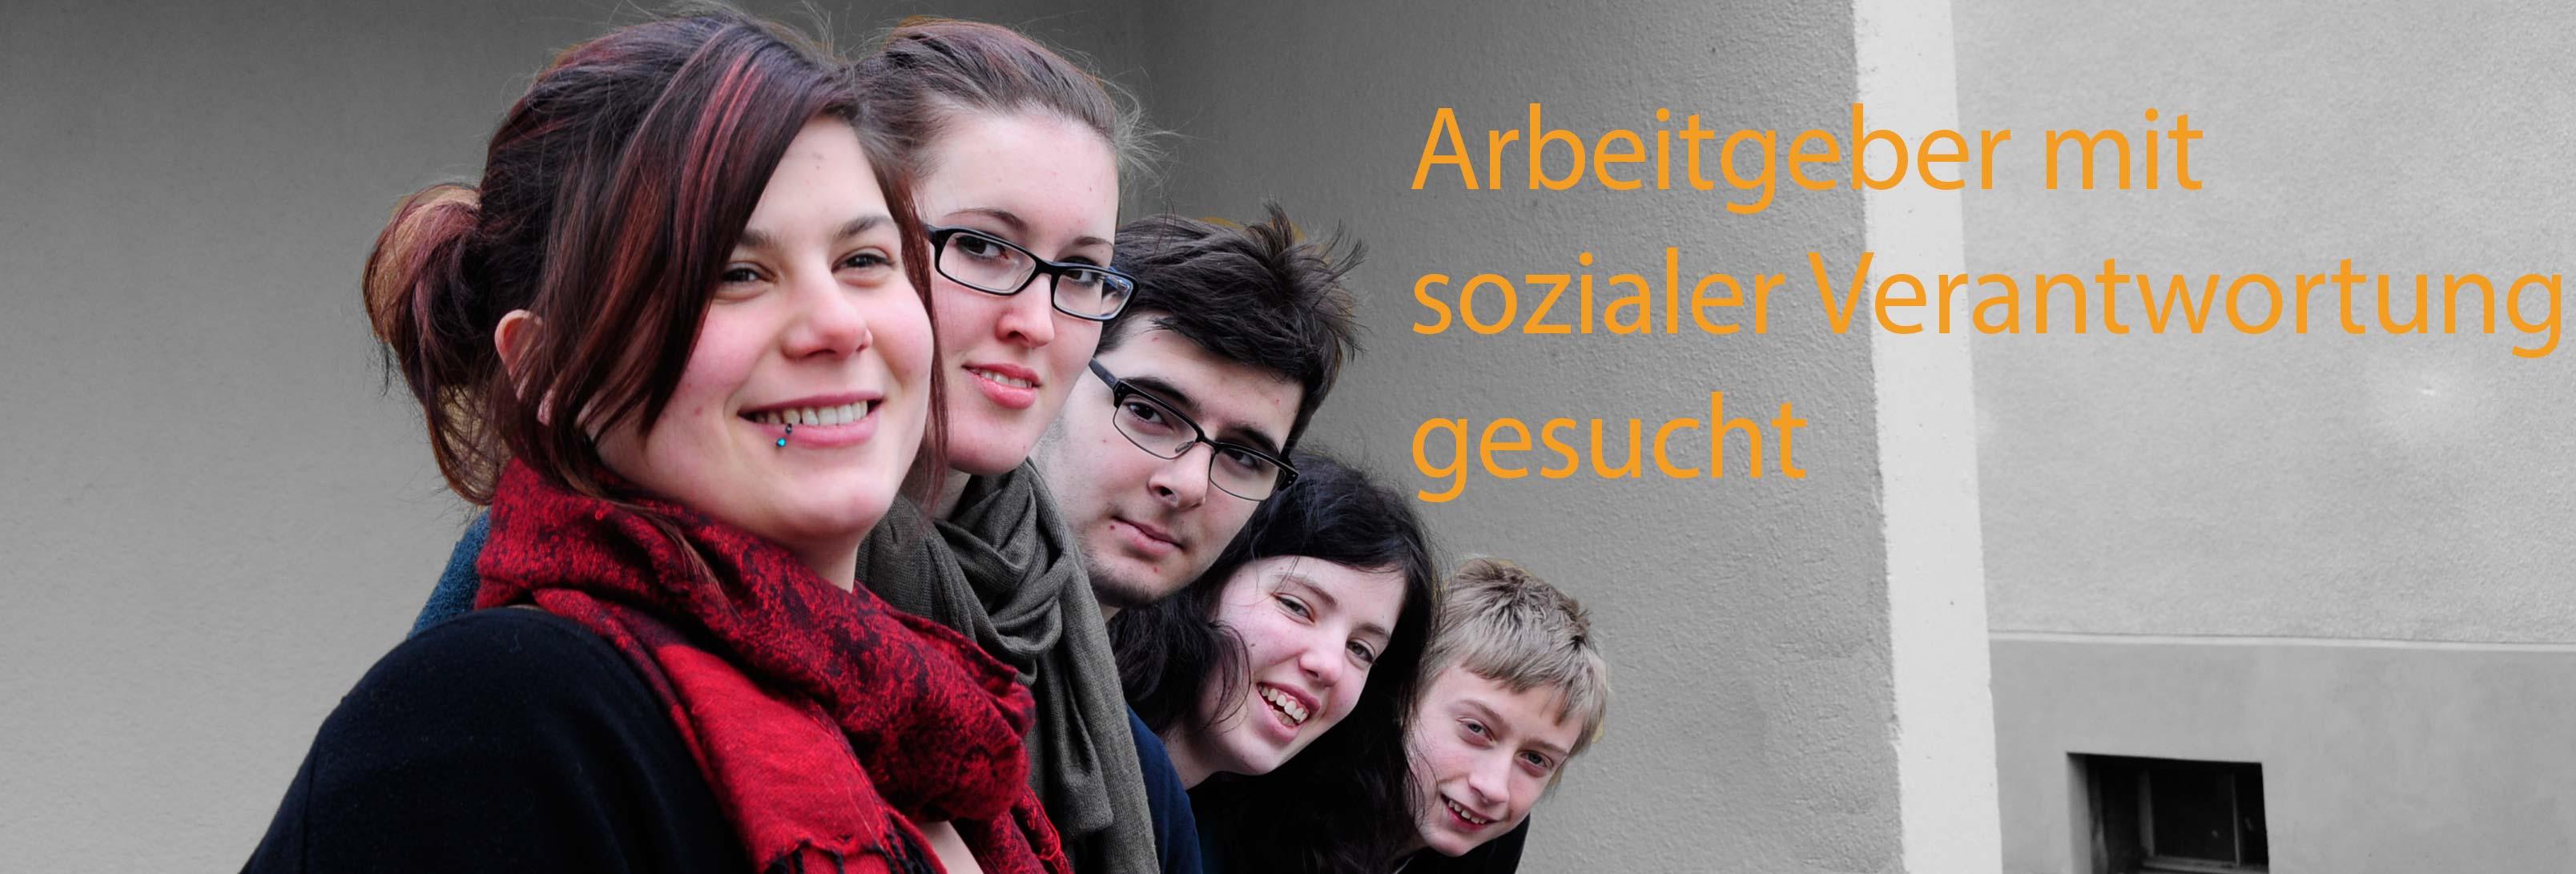 Titelbild-header-jpg